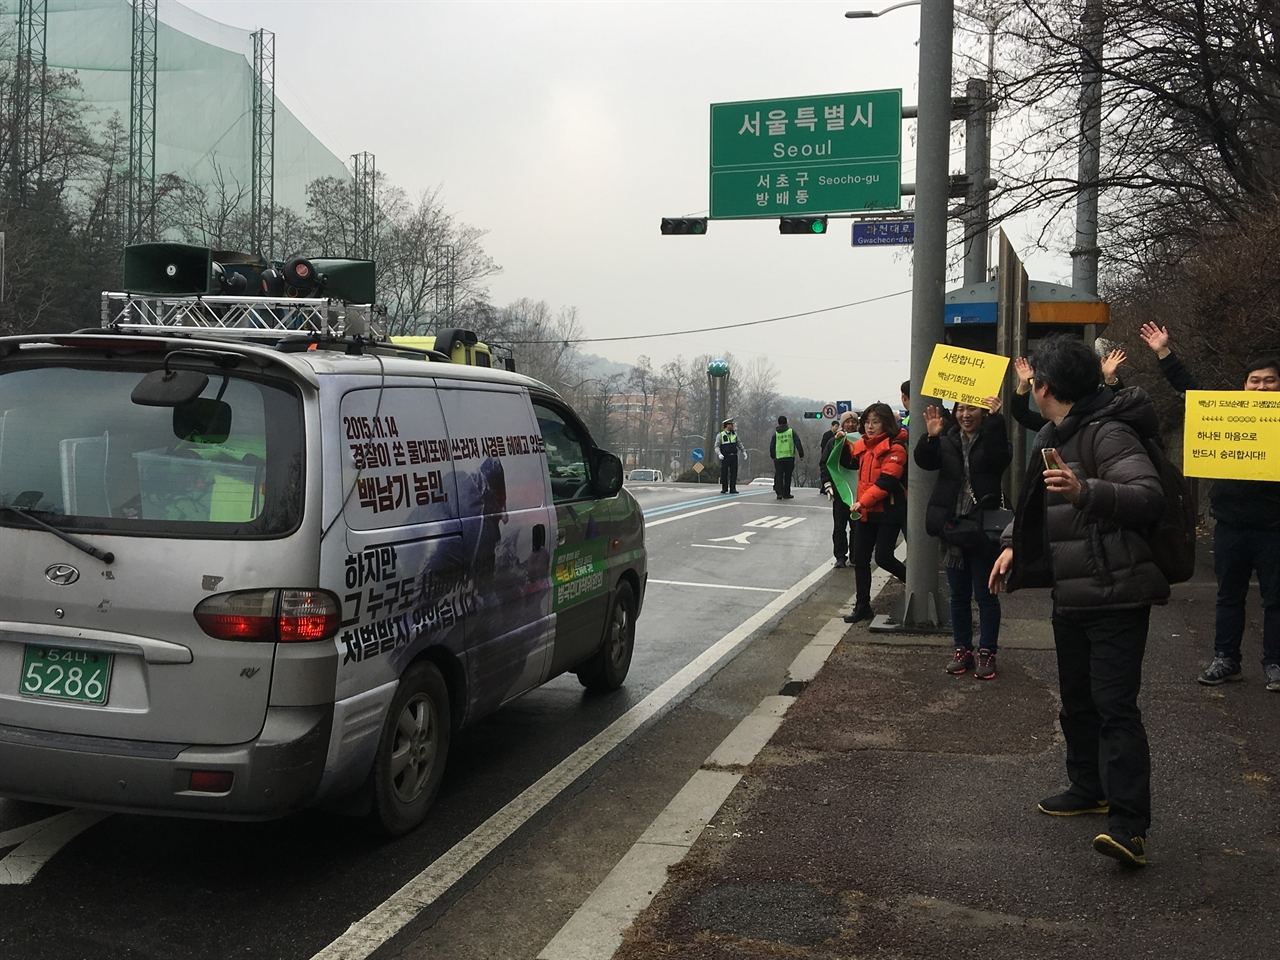 서울특별시 보성을 출발한 지 17일 만에 서울에 도착했다. 환영 나온 서울시민들이 상기된 얼굴로 맞아주었다.